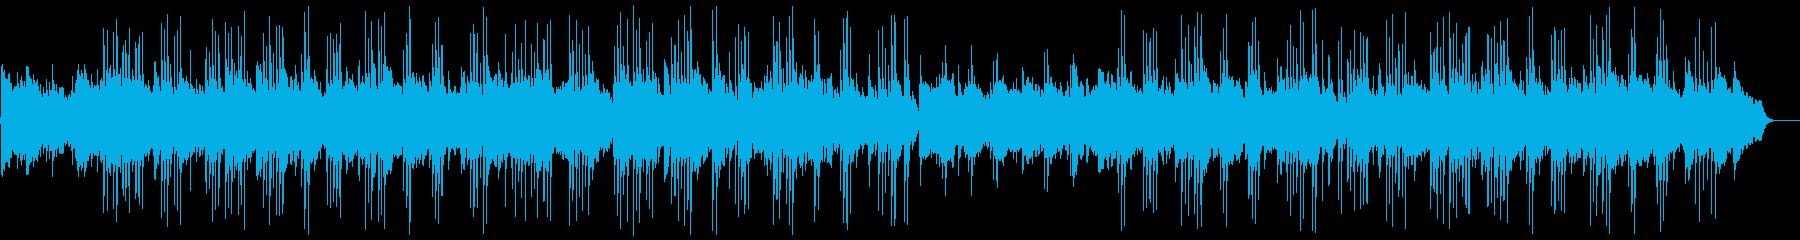 沖縄系BGMの再生済みの波形